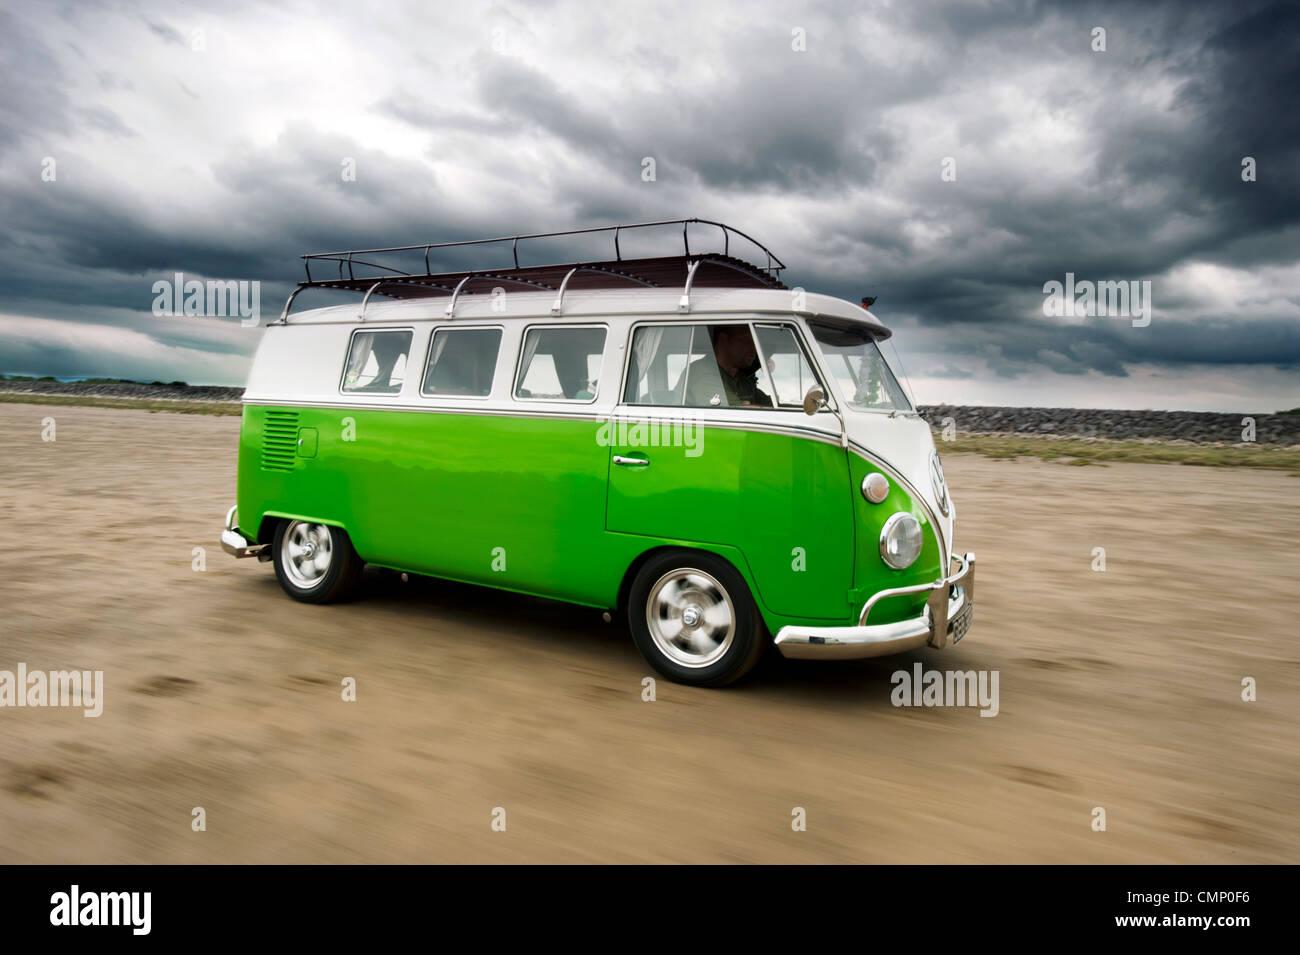 green vw volkswagen split screen camper van bus hippie. Black Bedroom Furniture Sets. Home Design Ideas